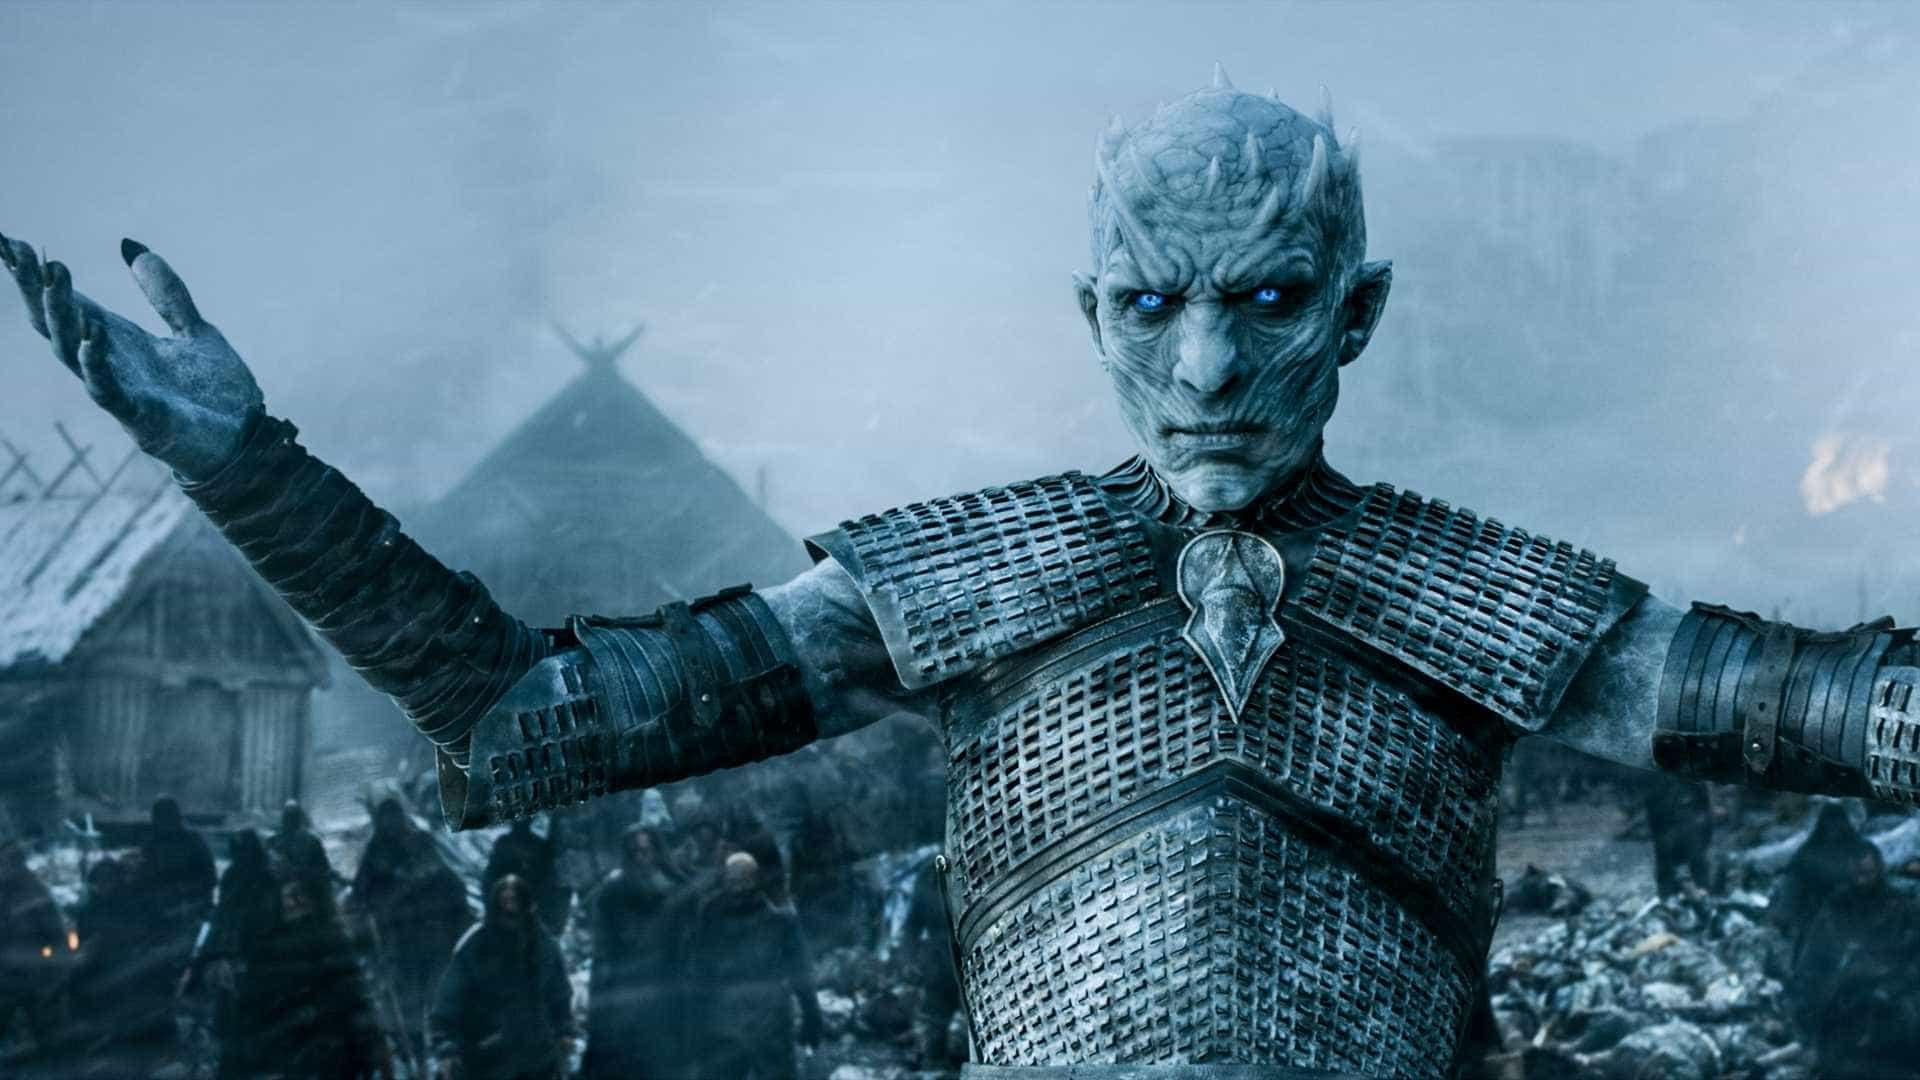 Filtro do Facebook te transforma no Rei da Noite de Game of Thrones